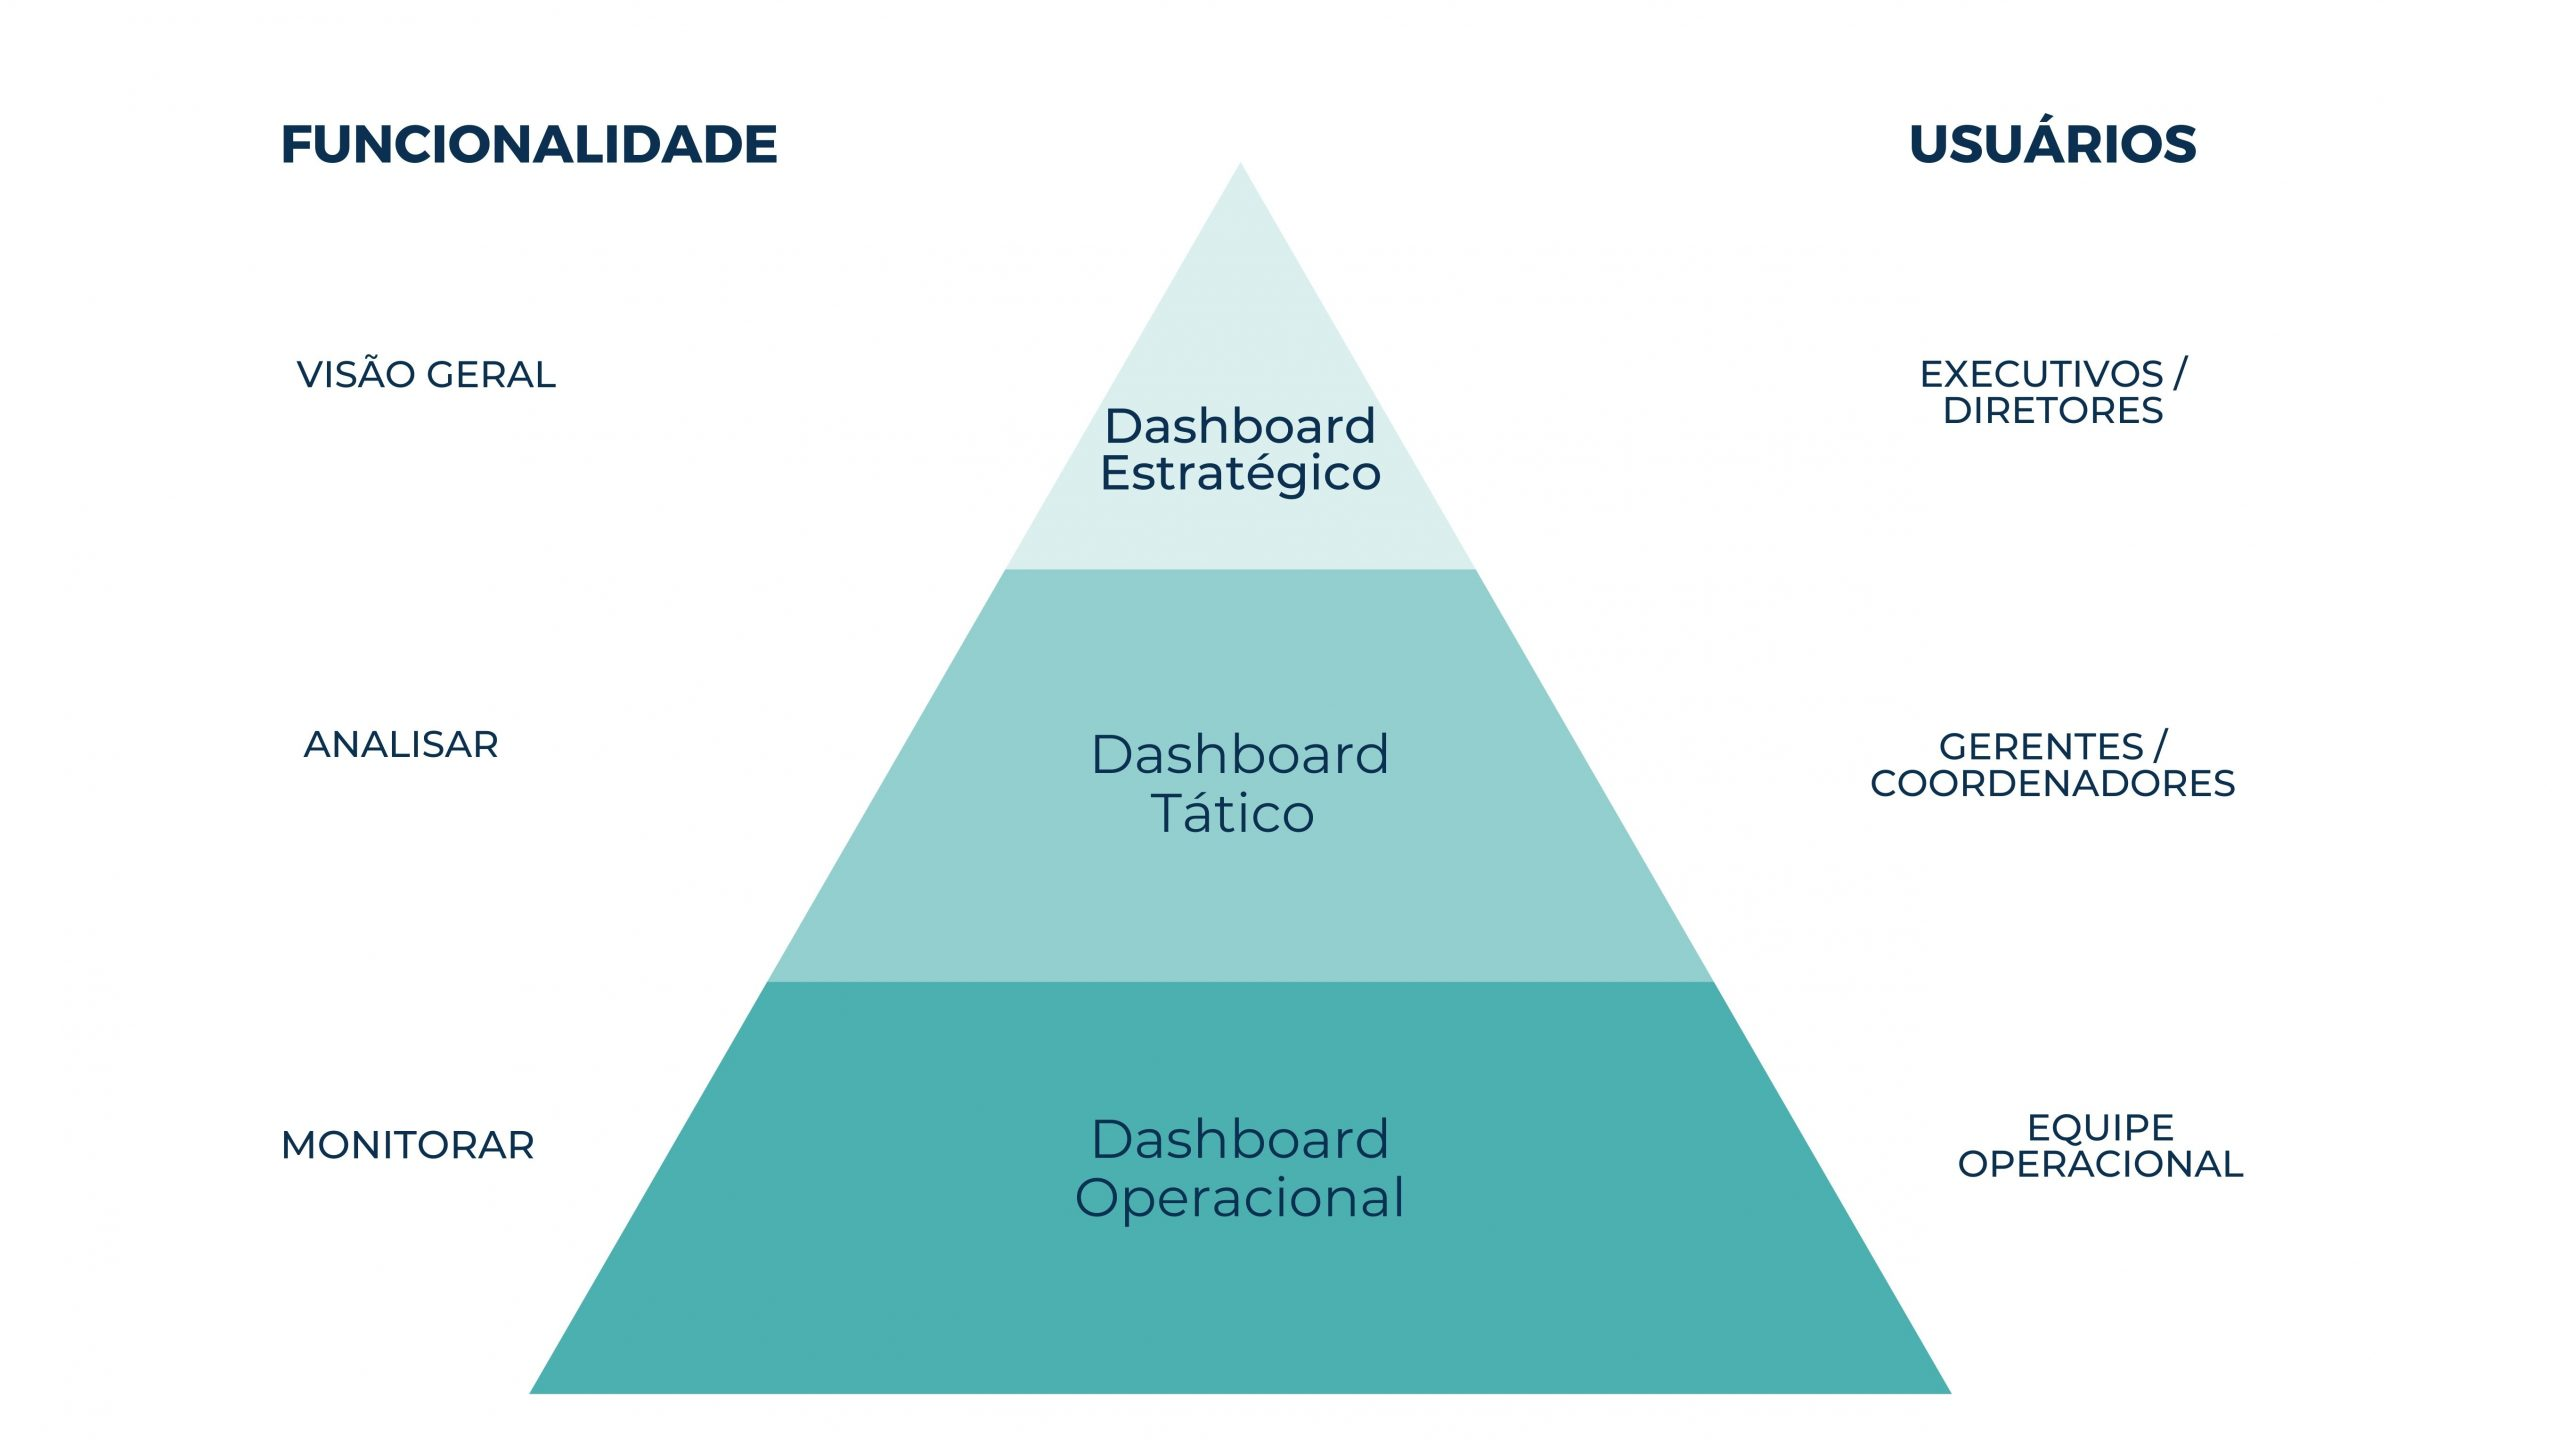 Funcionalidades de cada dashboard para os 3 níveis organizacionais: estratégico, tático e operacional.